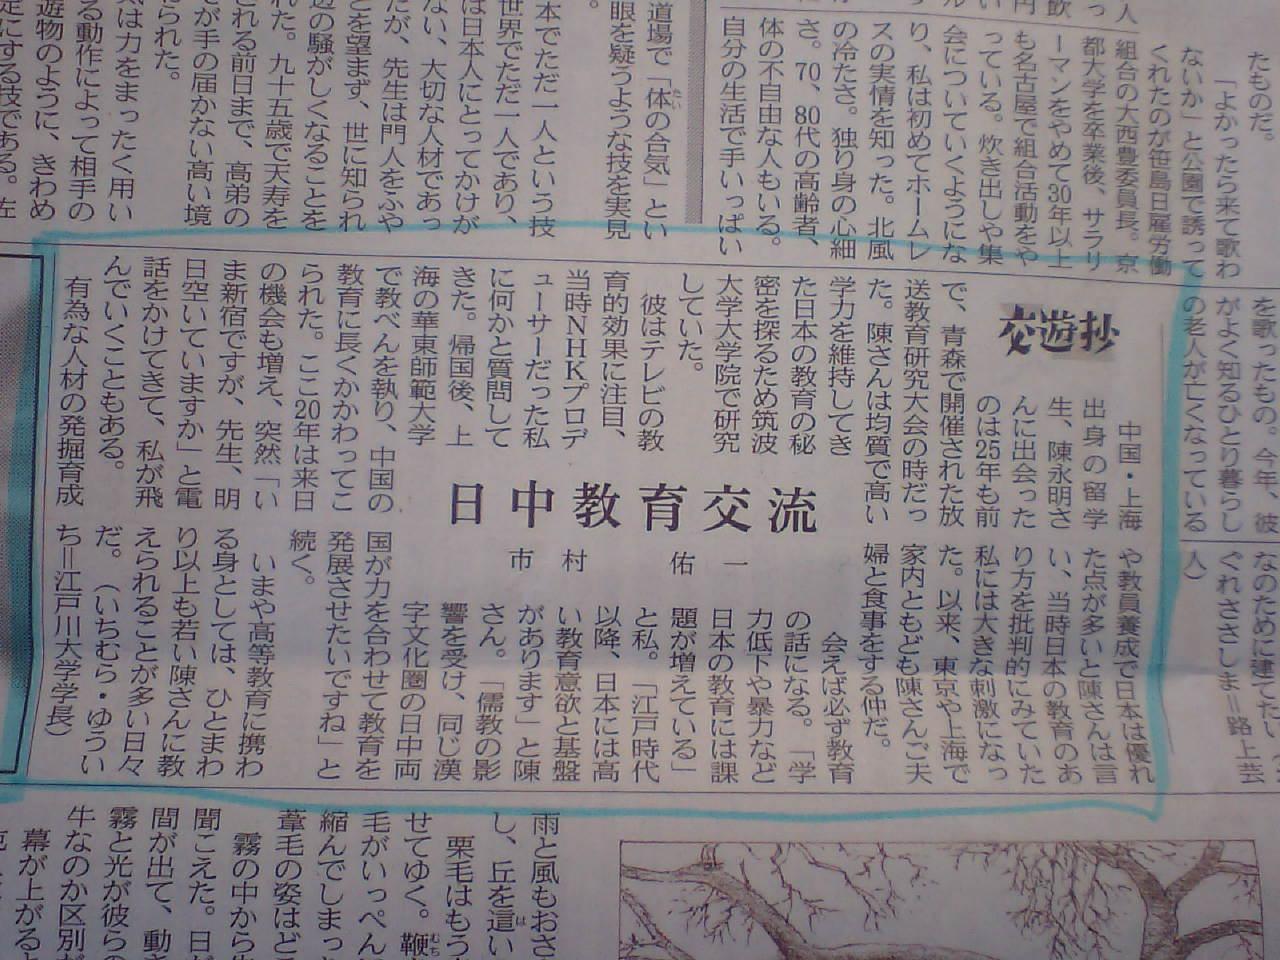 《我的日本観--上海知名学者教授自述》編著者陳永明教授 日経新聞に_d0027795_15295637.jpg